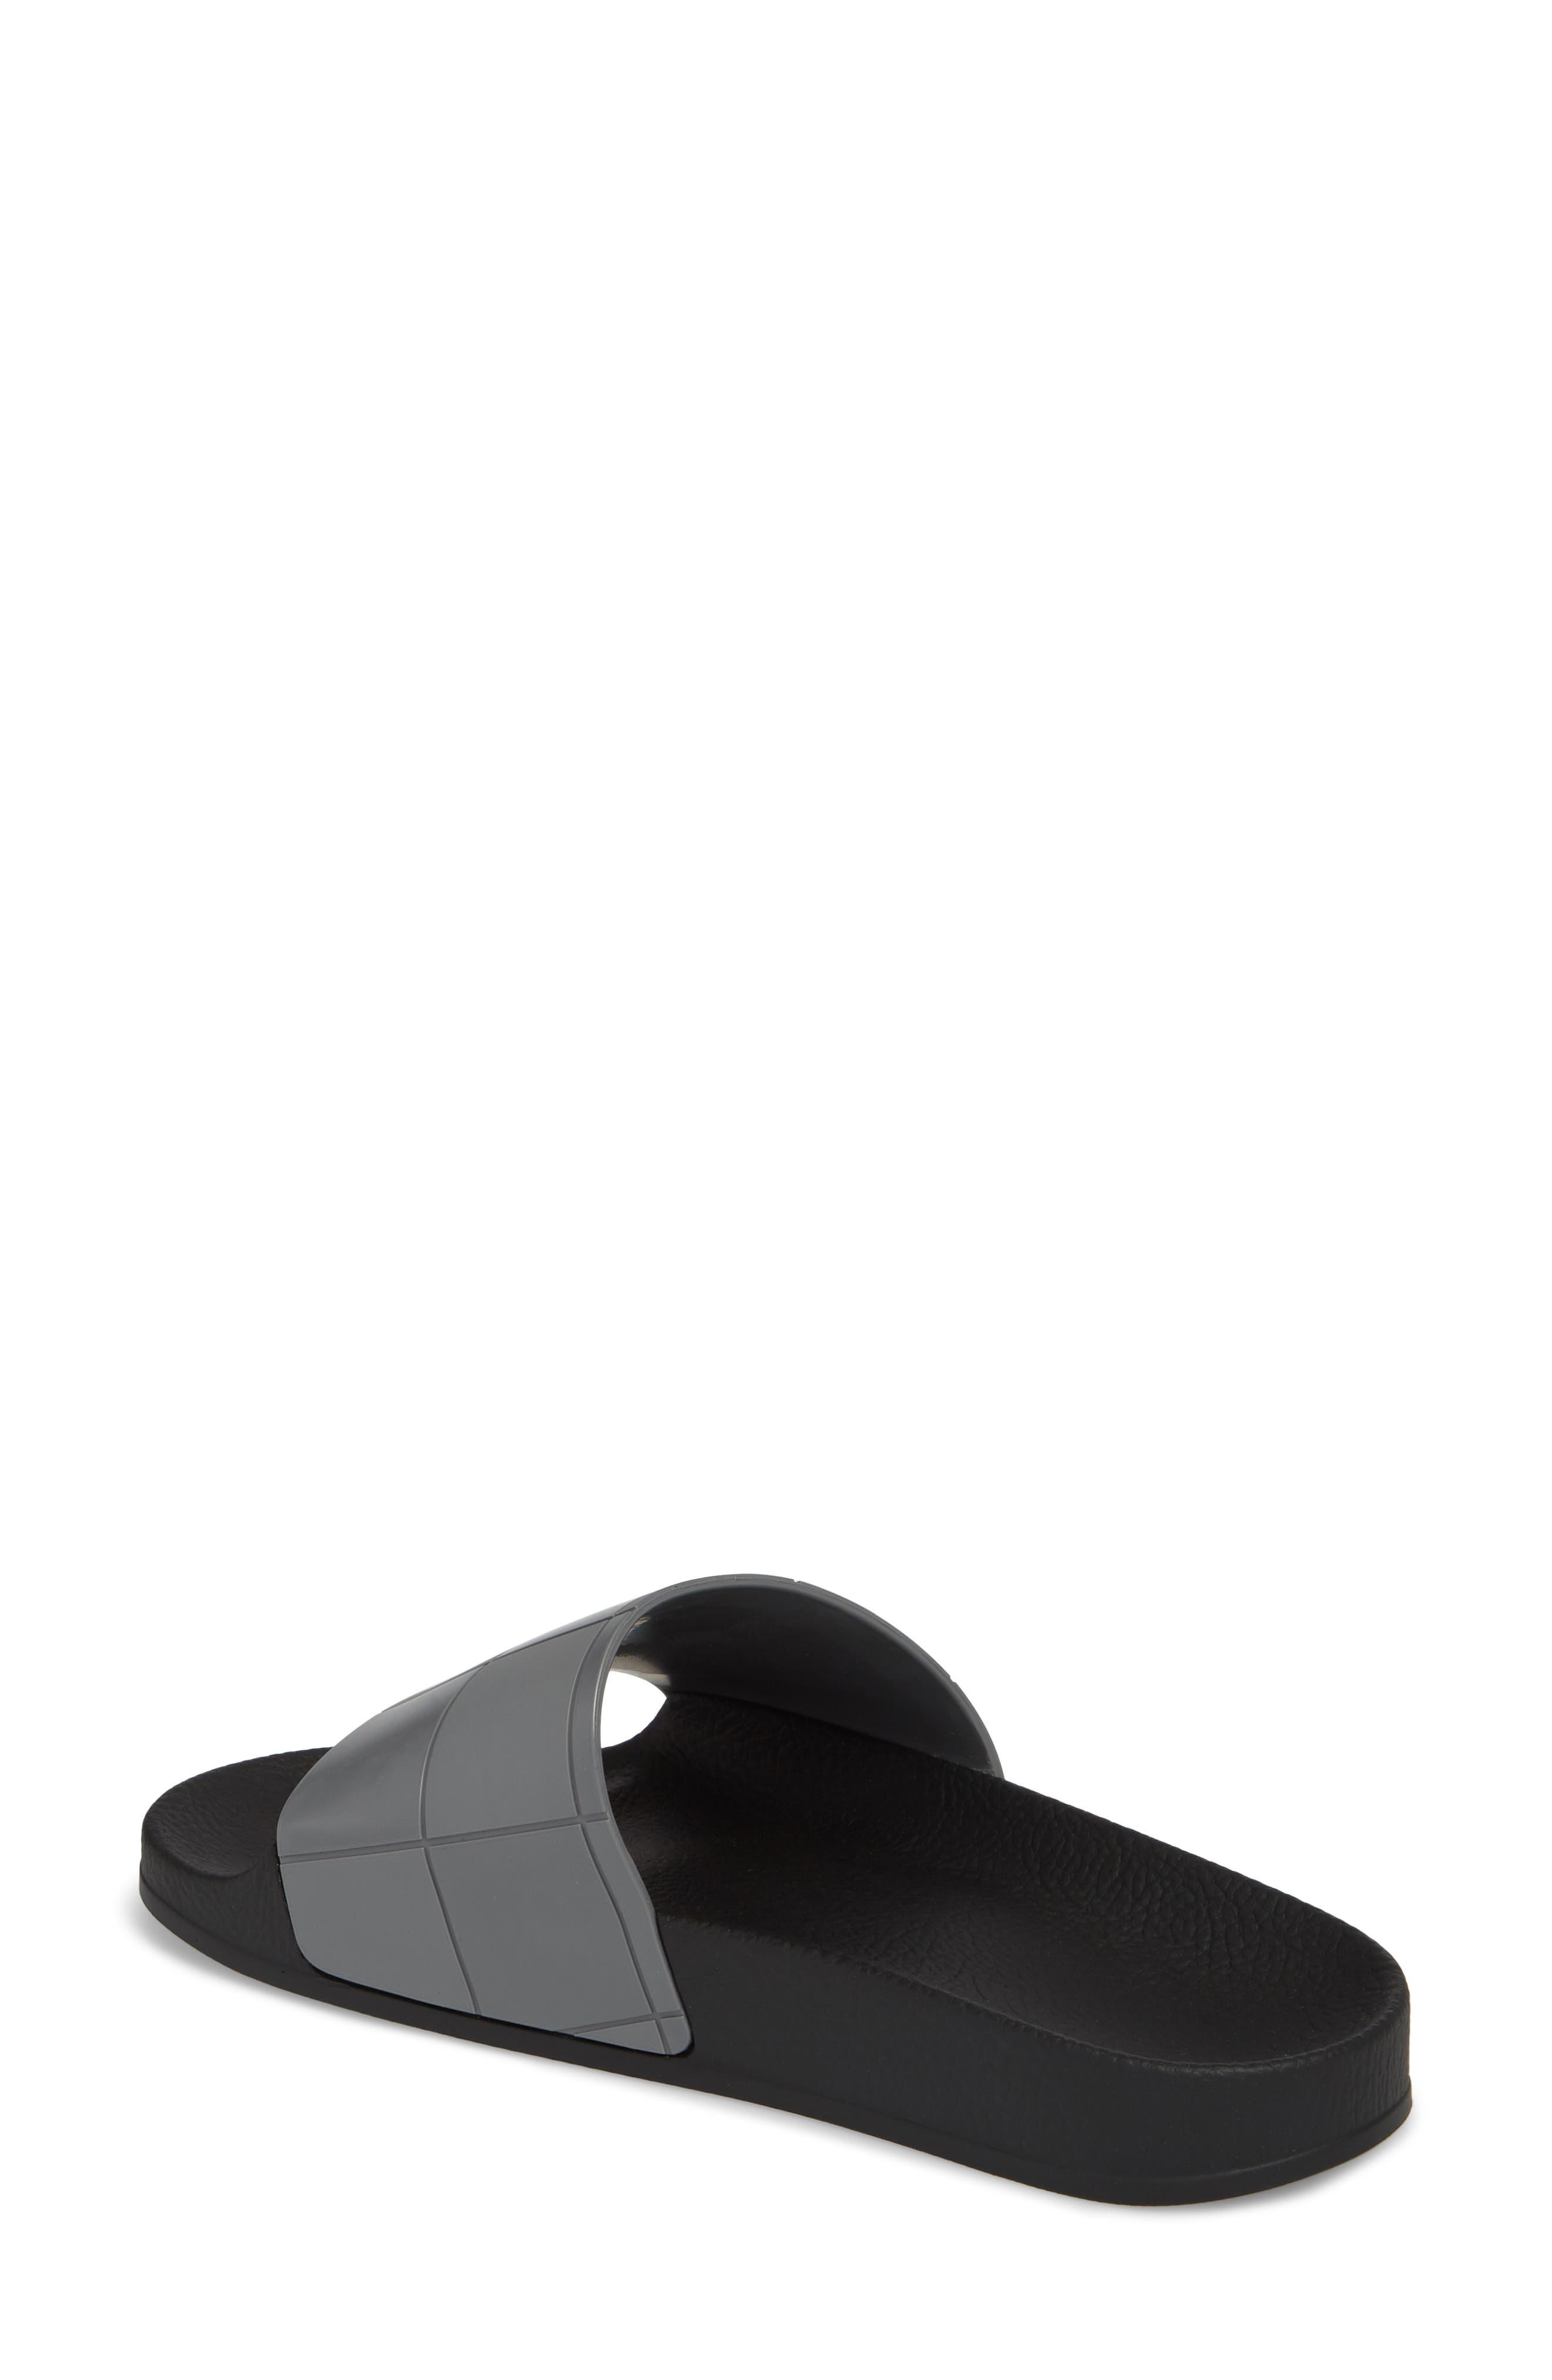 Adilette Slide Sandal,                             Alternate thumbnail 2, color,                             Core Black/ Granite